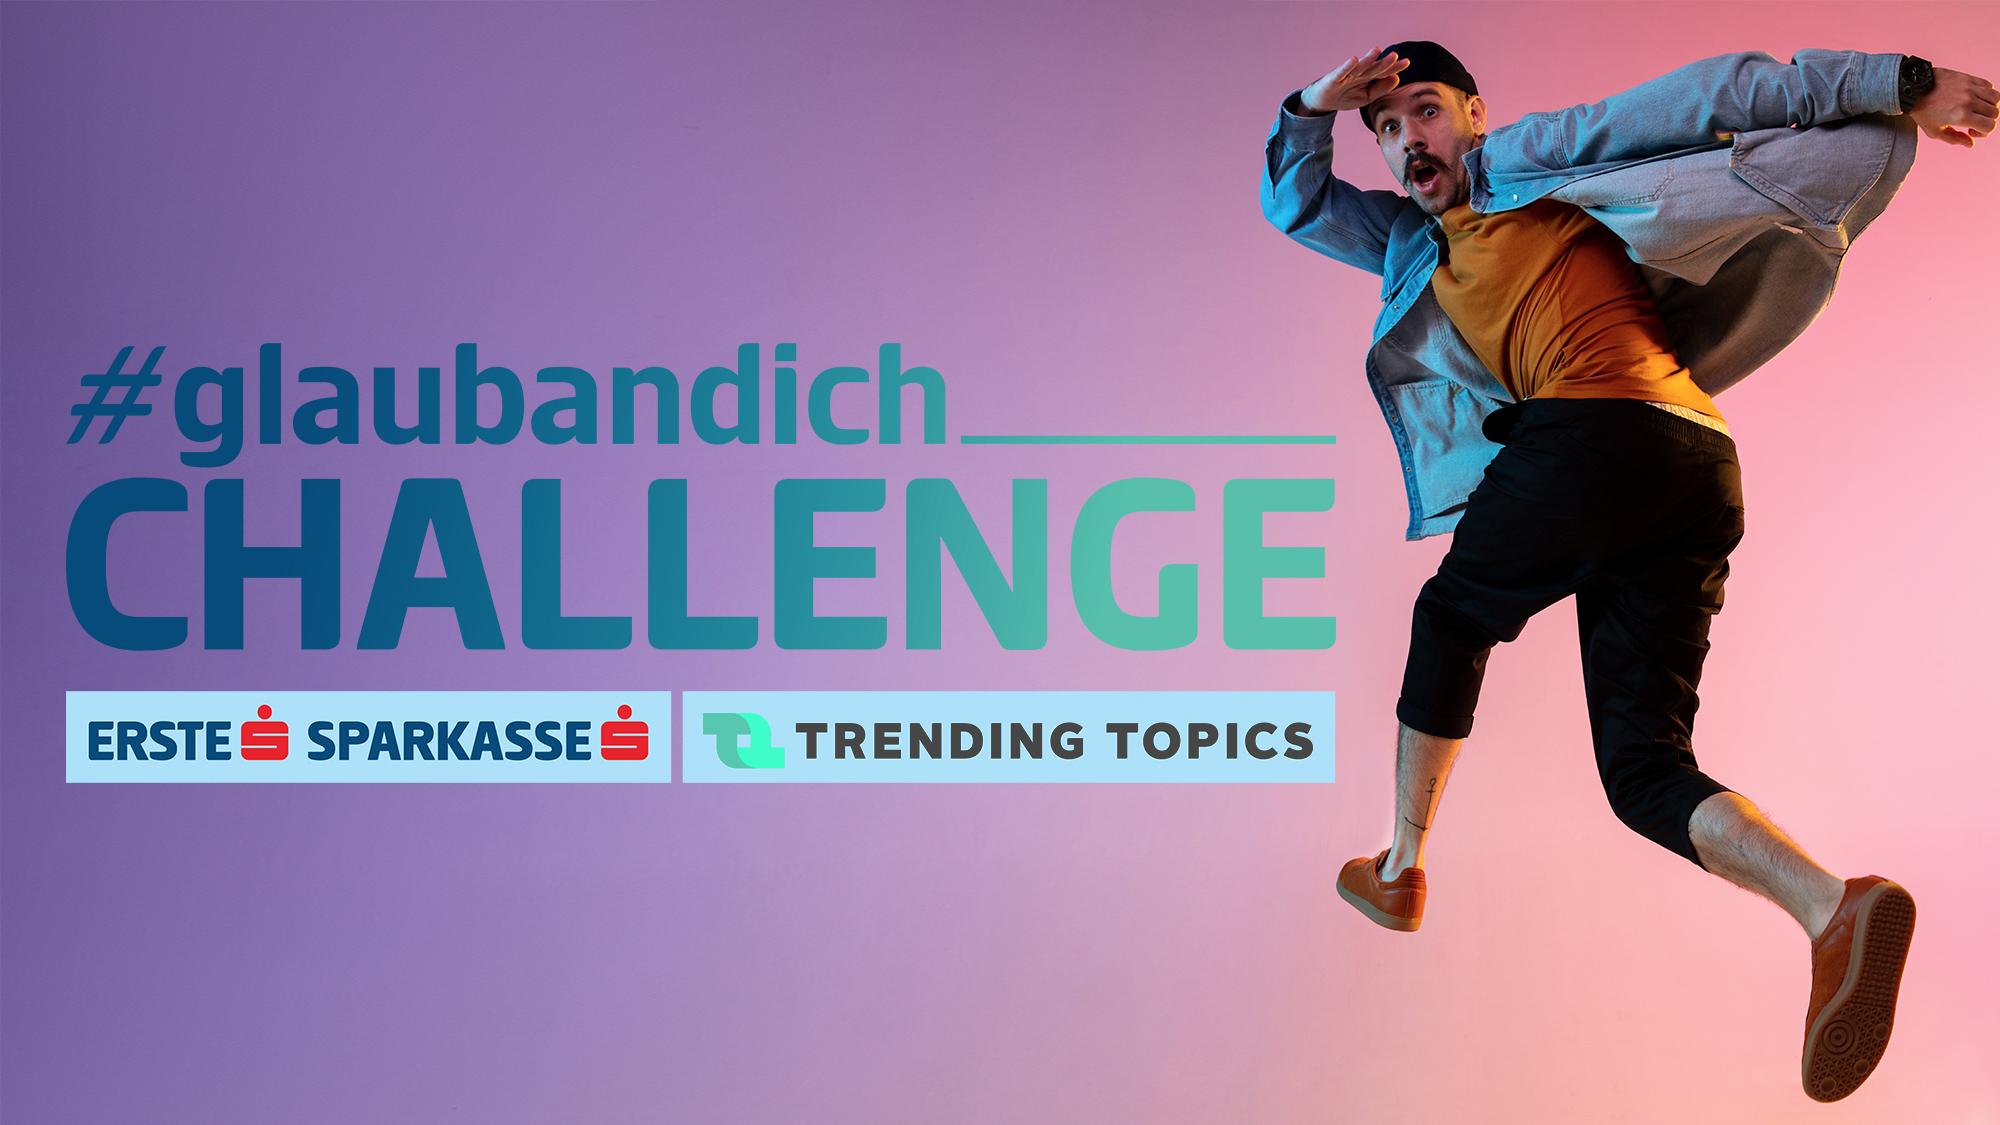 -glaubandich-Challenge-Das-gro-e-Finale-des-Startup-Wettbewerbs-im-Livestream